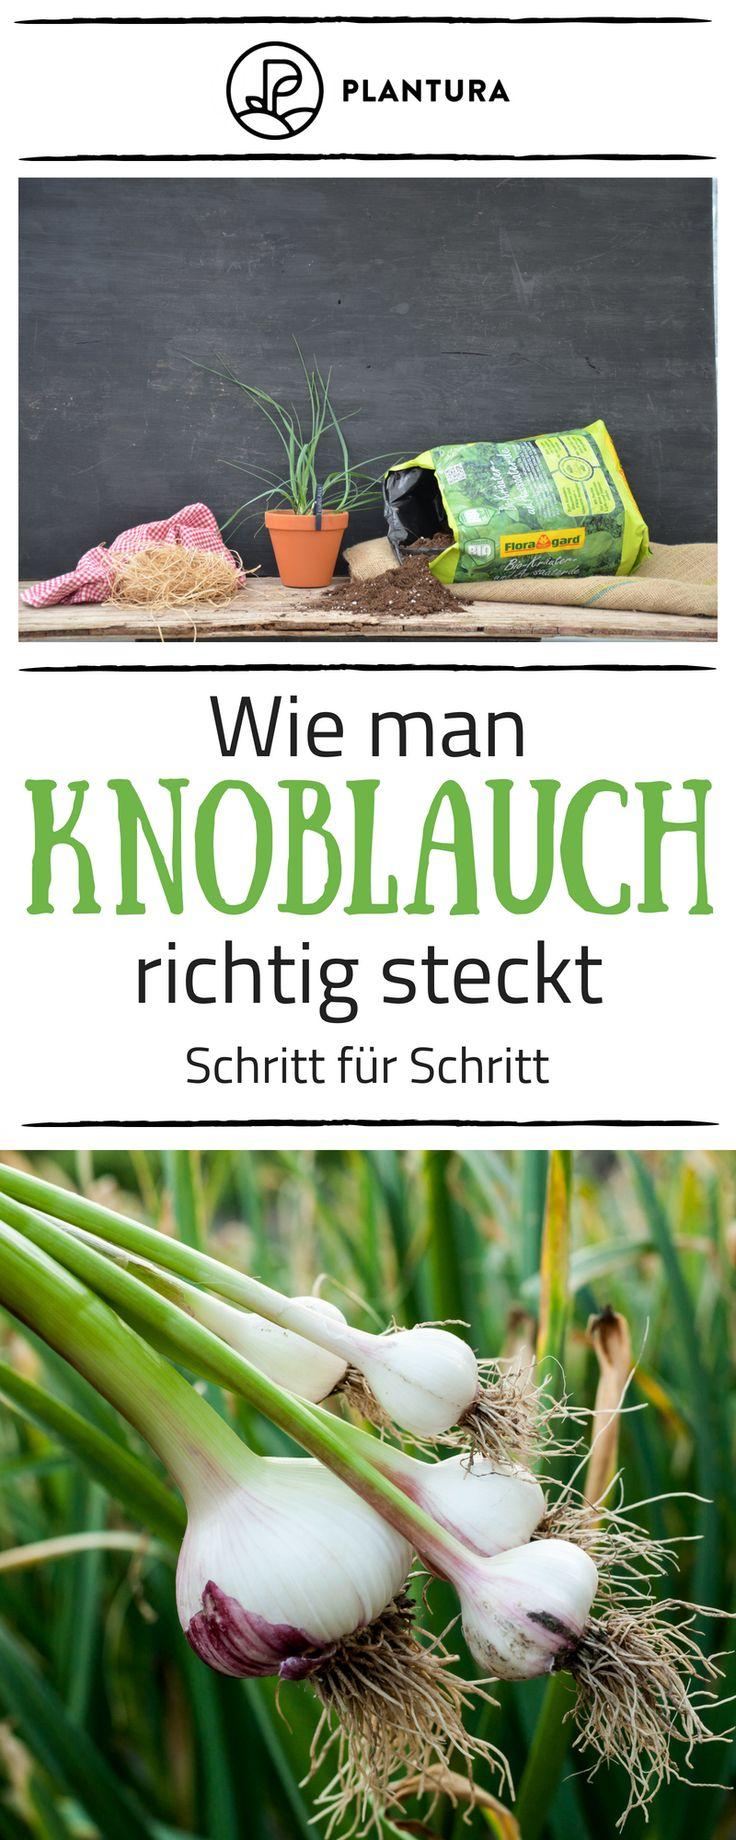 Knoblauch anbauen: Stecken, pflanzen und ernten – Plantura | Garten Ideen & Tipps | Gemüse, Obst, Kräuter